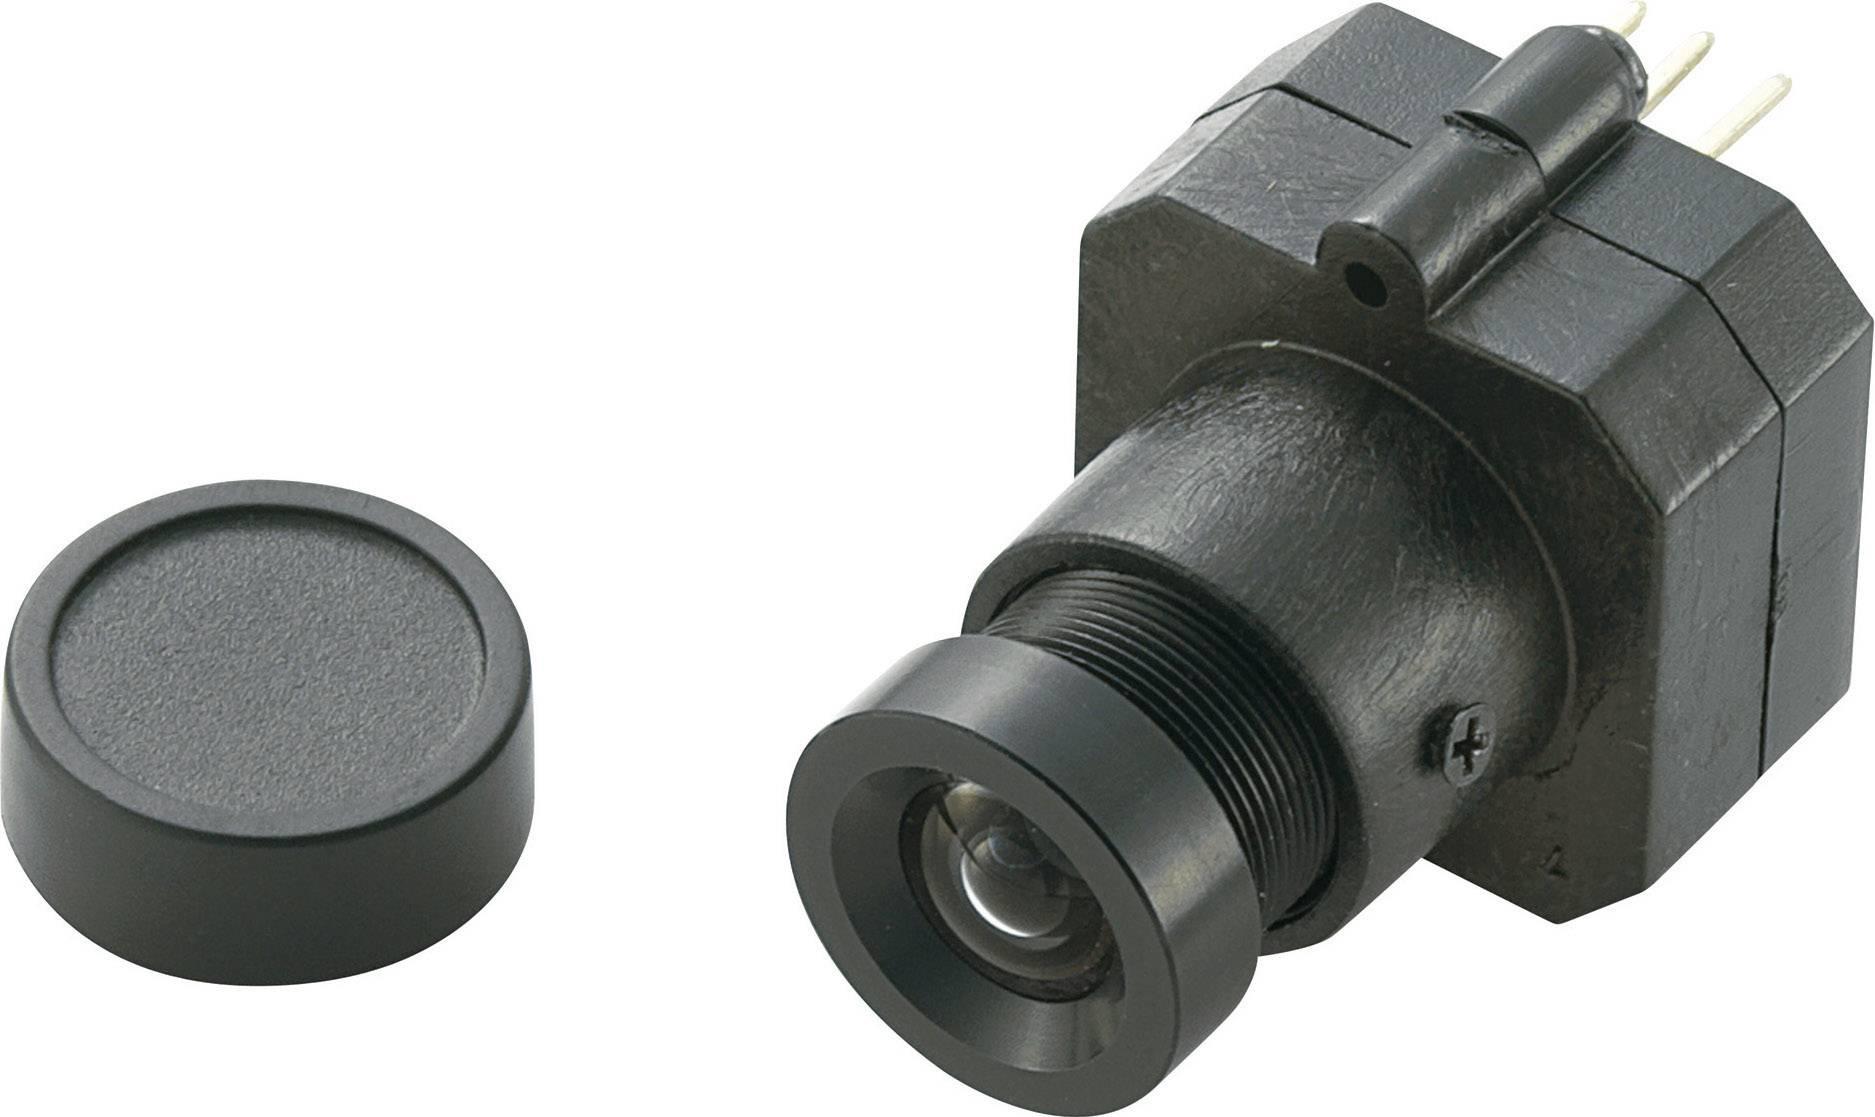 Barevný CMOS mini kamerový modul RS-OV7949-1818, 5 V/DC